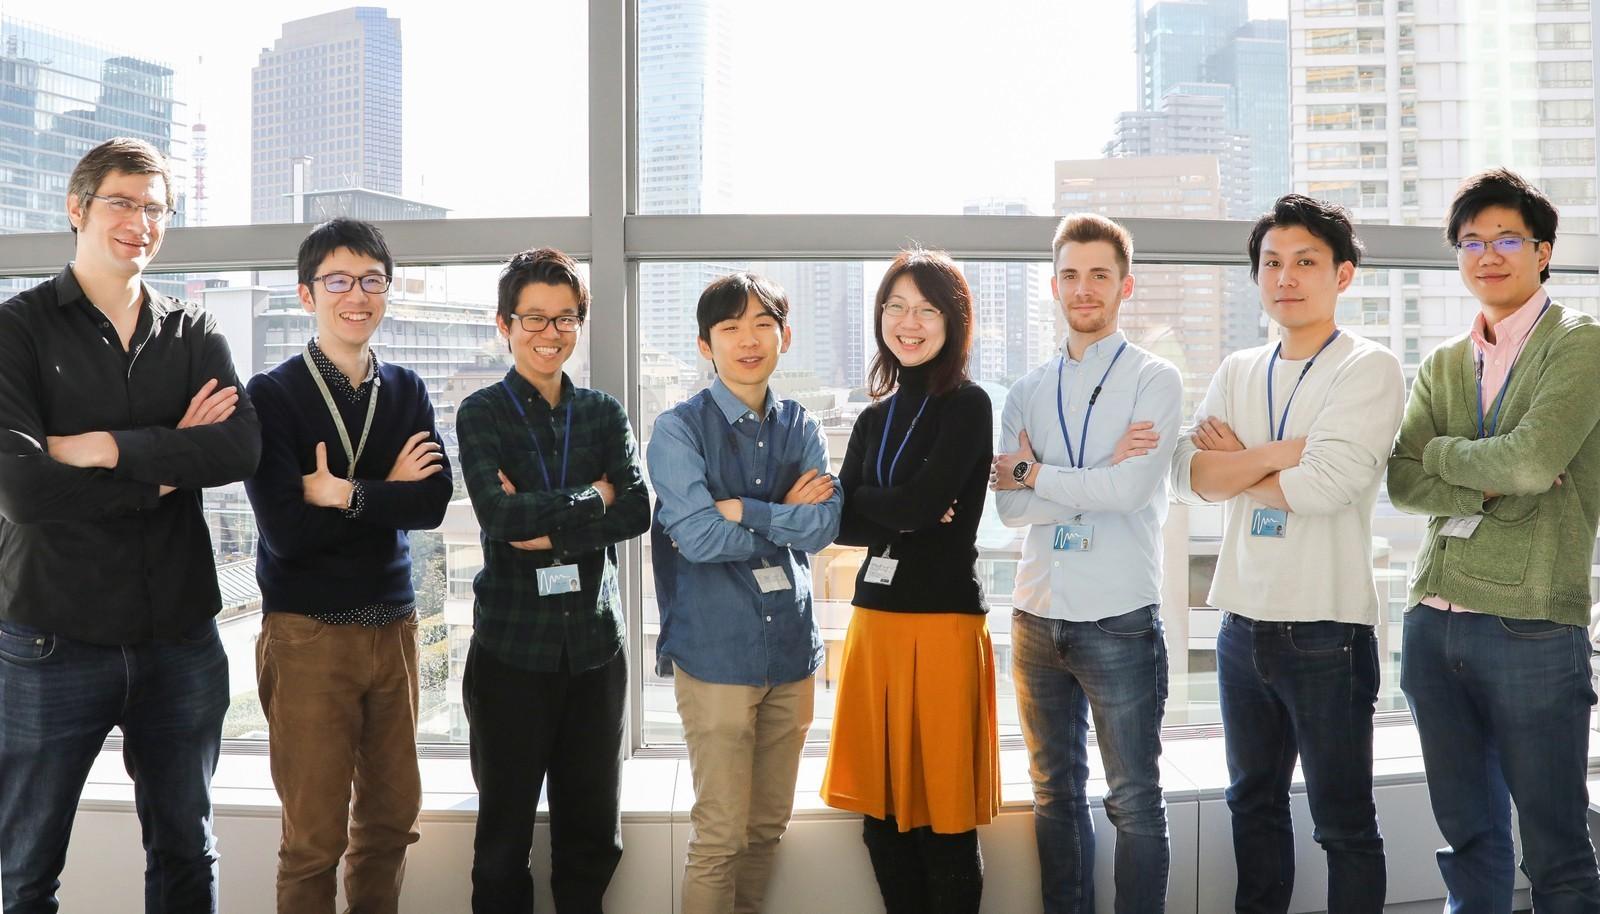 大事な人のために日本・世界の医療をよくしていきたいAndroidエンジニアを募集!